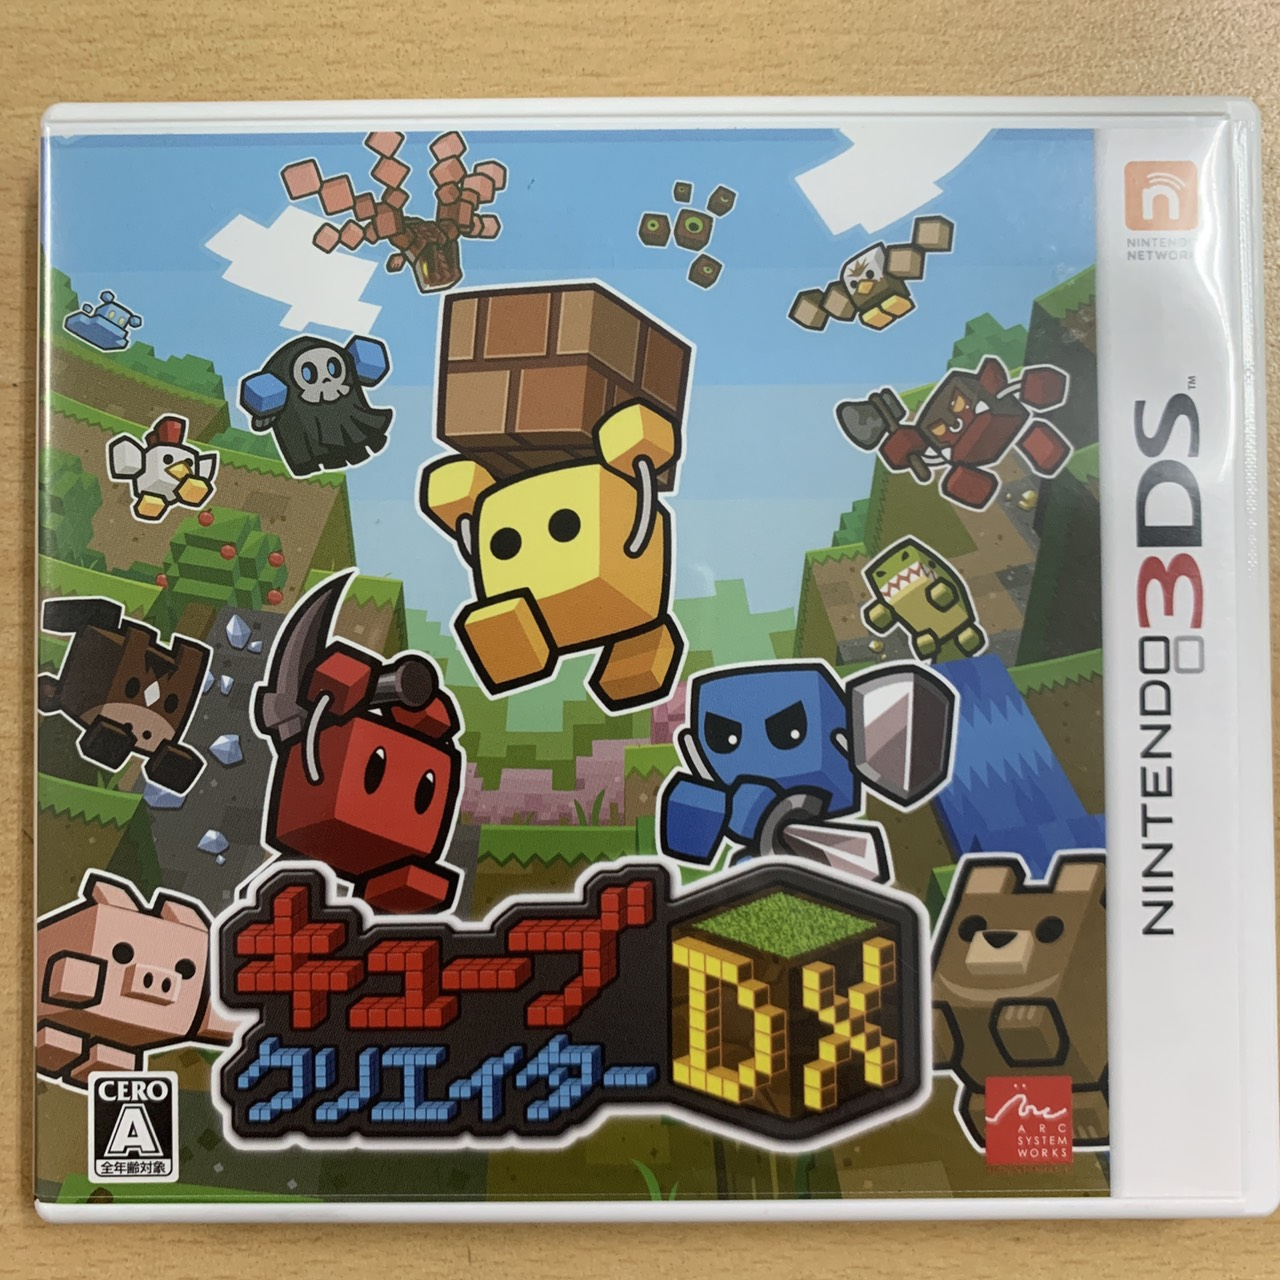 【飛力屋】現貨不必等 可刷卡 日版 任天堂 3DS 方塊創造者 DX 日規 純日版